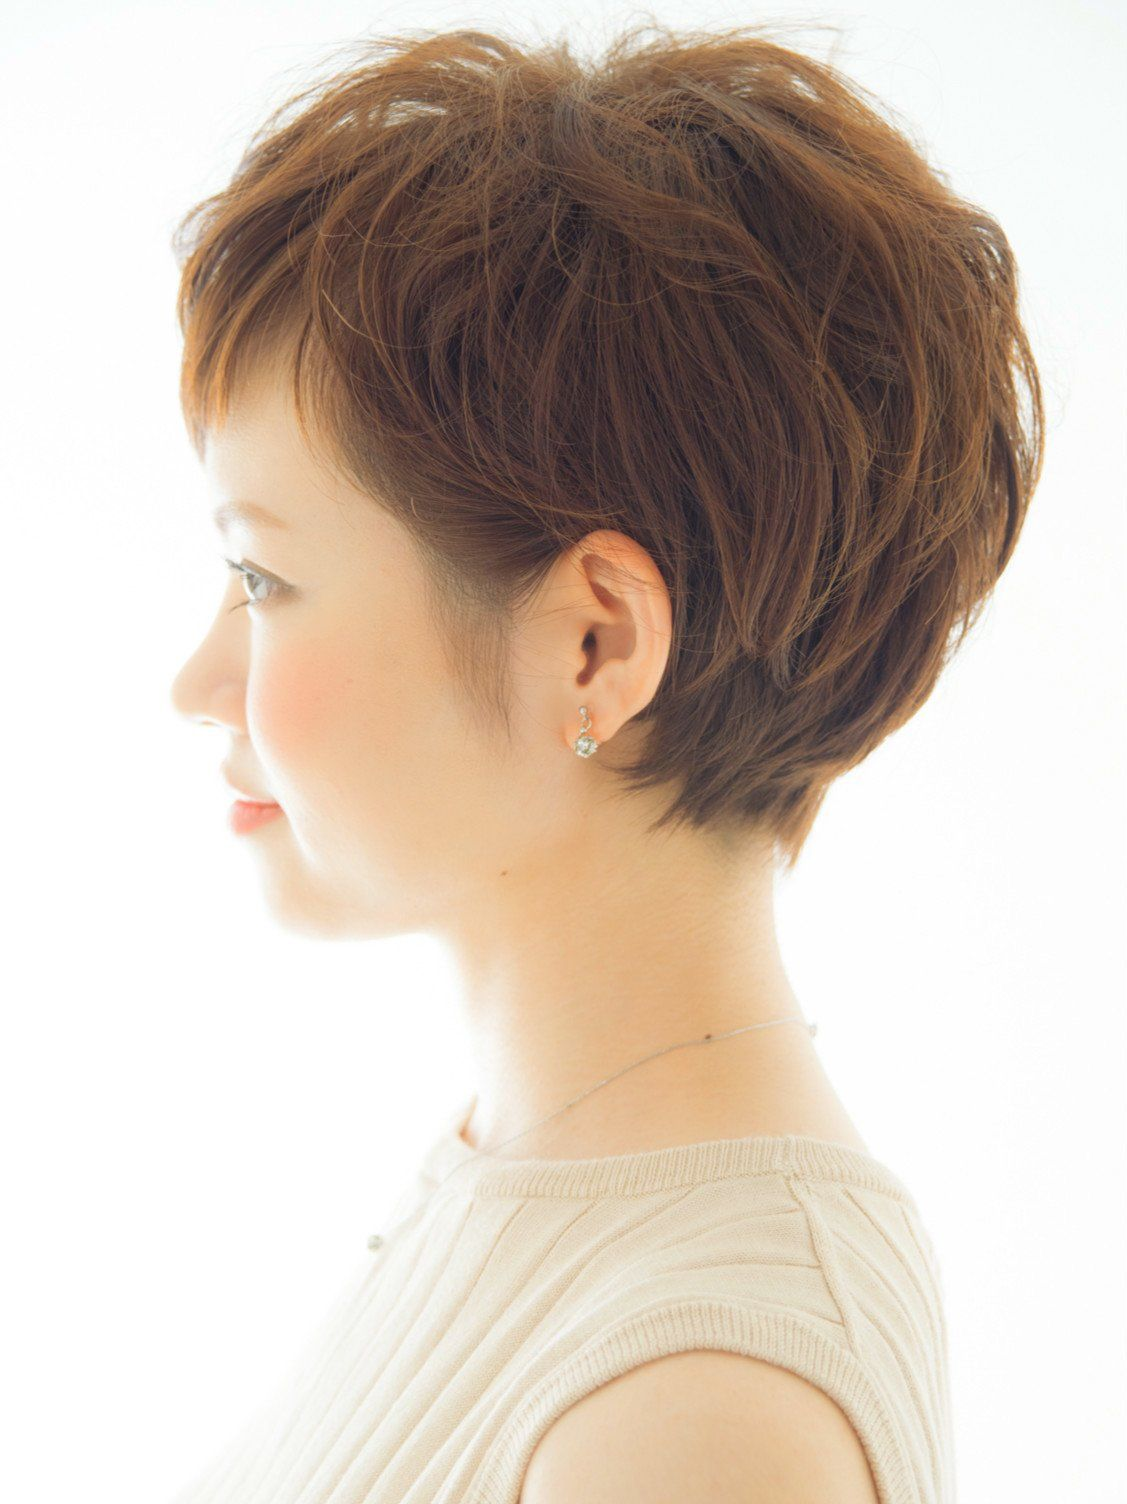 30代40代 大人女性に人気ショート 髪型ショートヘア ヘア